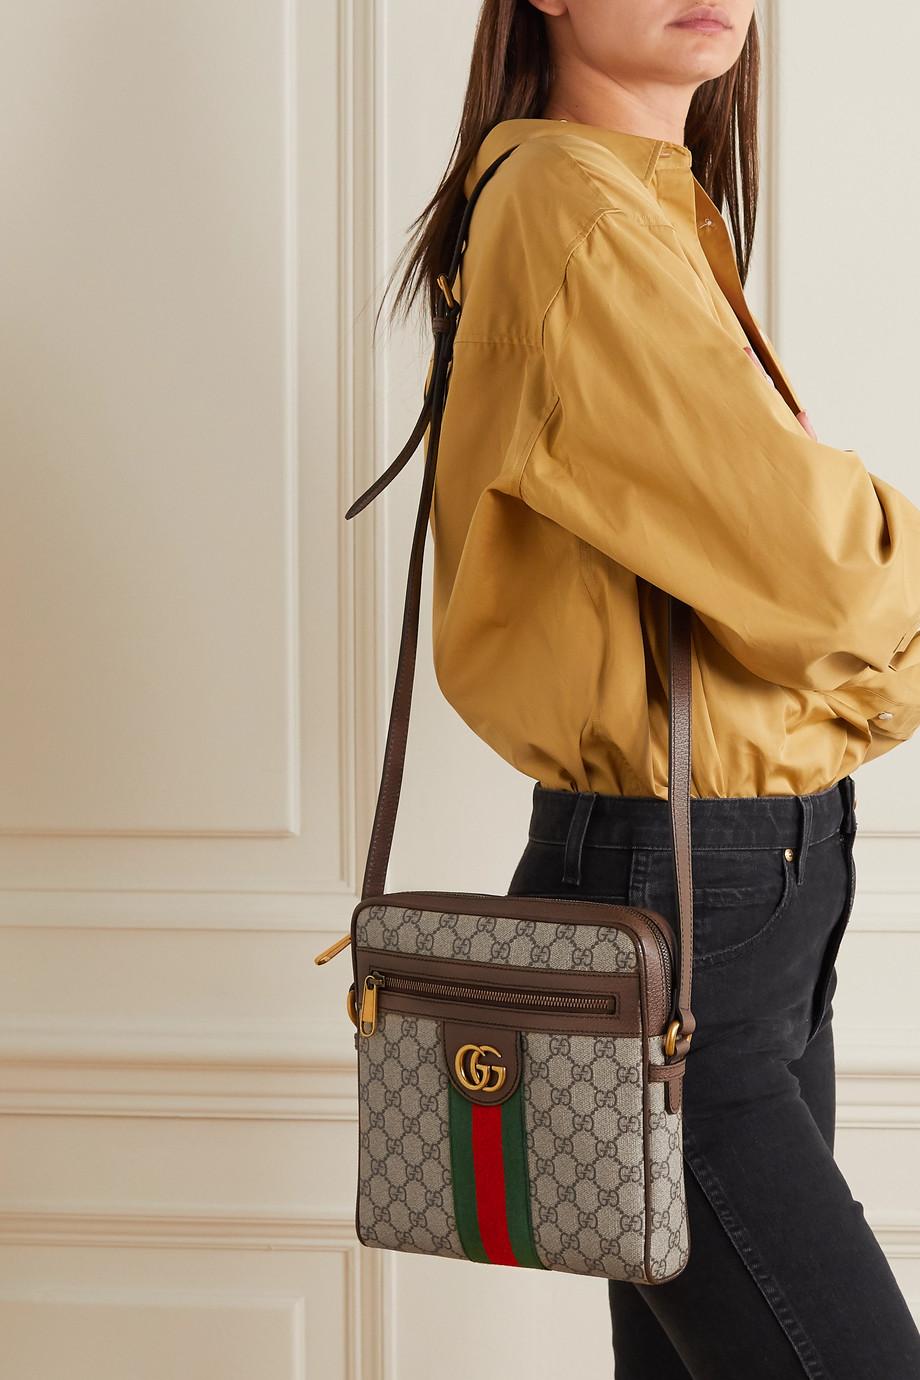 Gucci Ophidia kleine Schultertasche aus bedrucktem, beschichtetem Canvas mit Besatz aus strukturiertem Leder